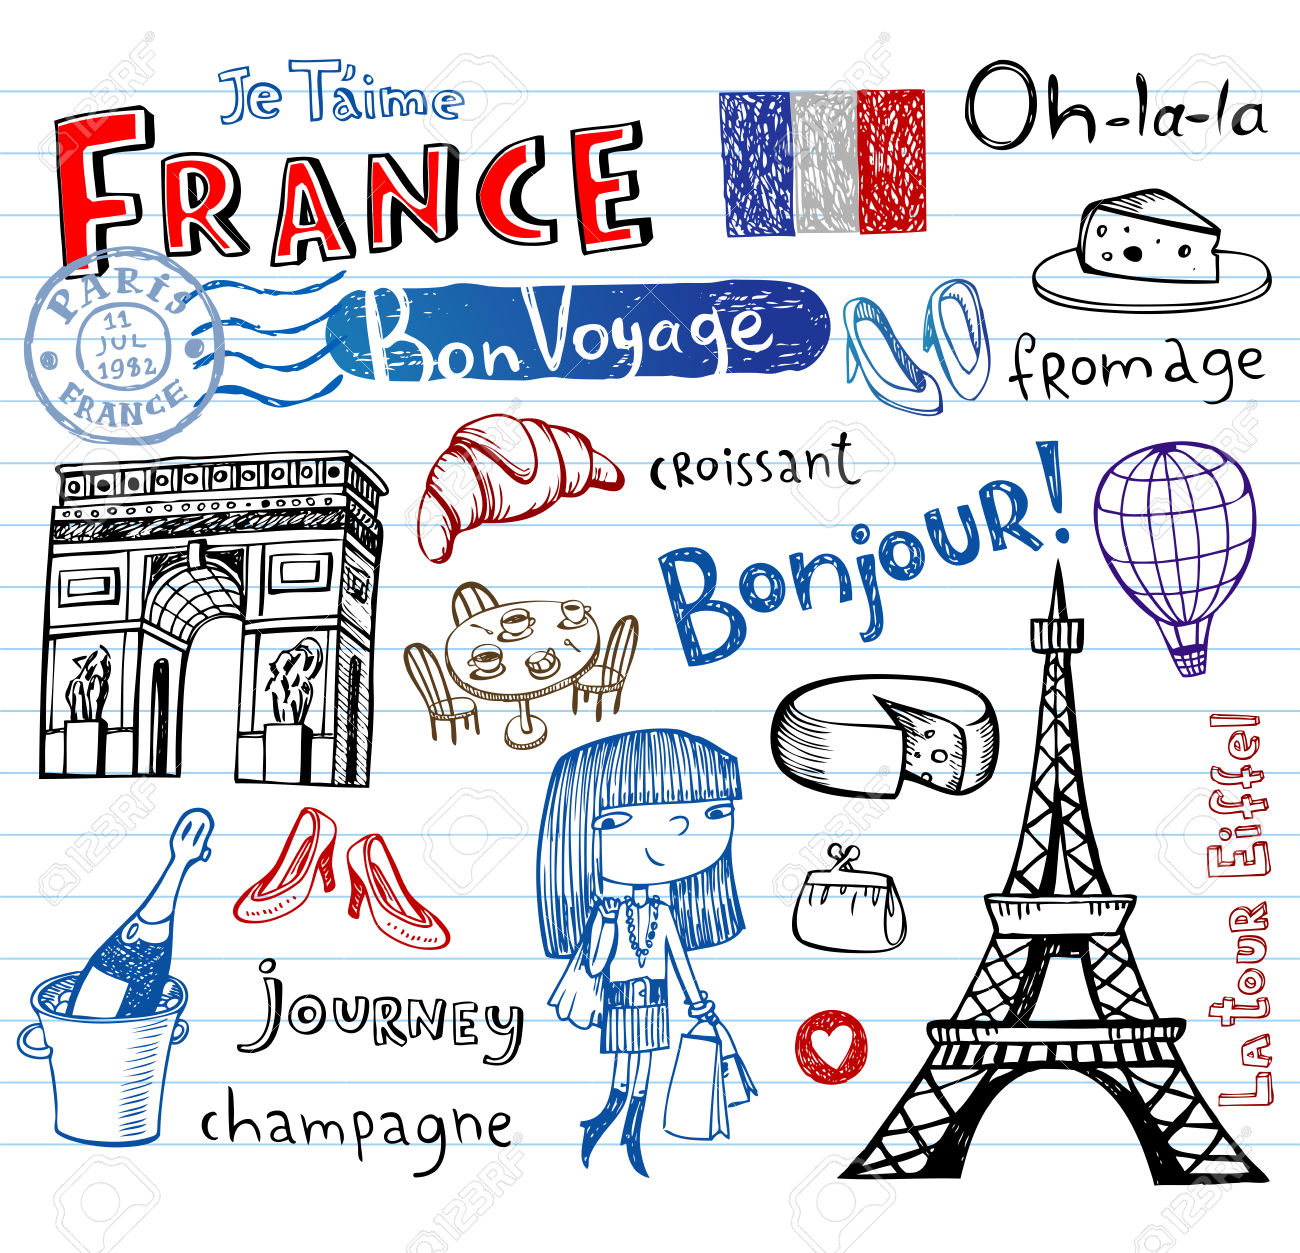 Podróże - nagłówek - Francuski przy kawie